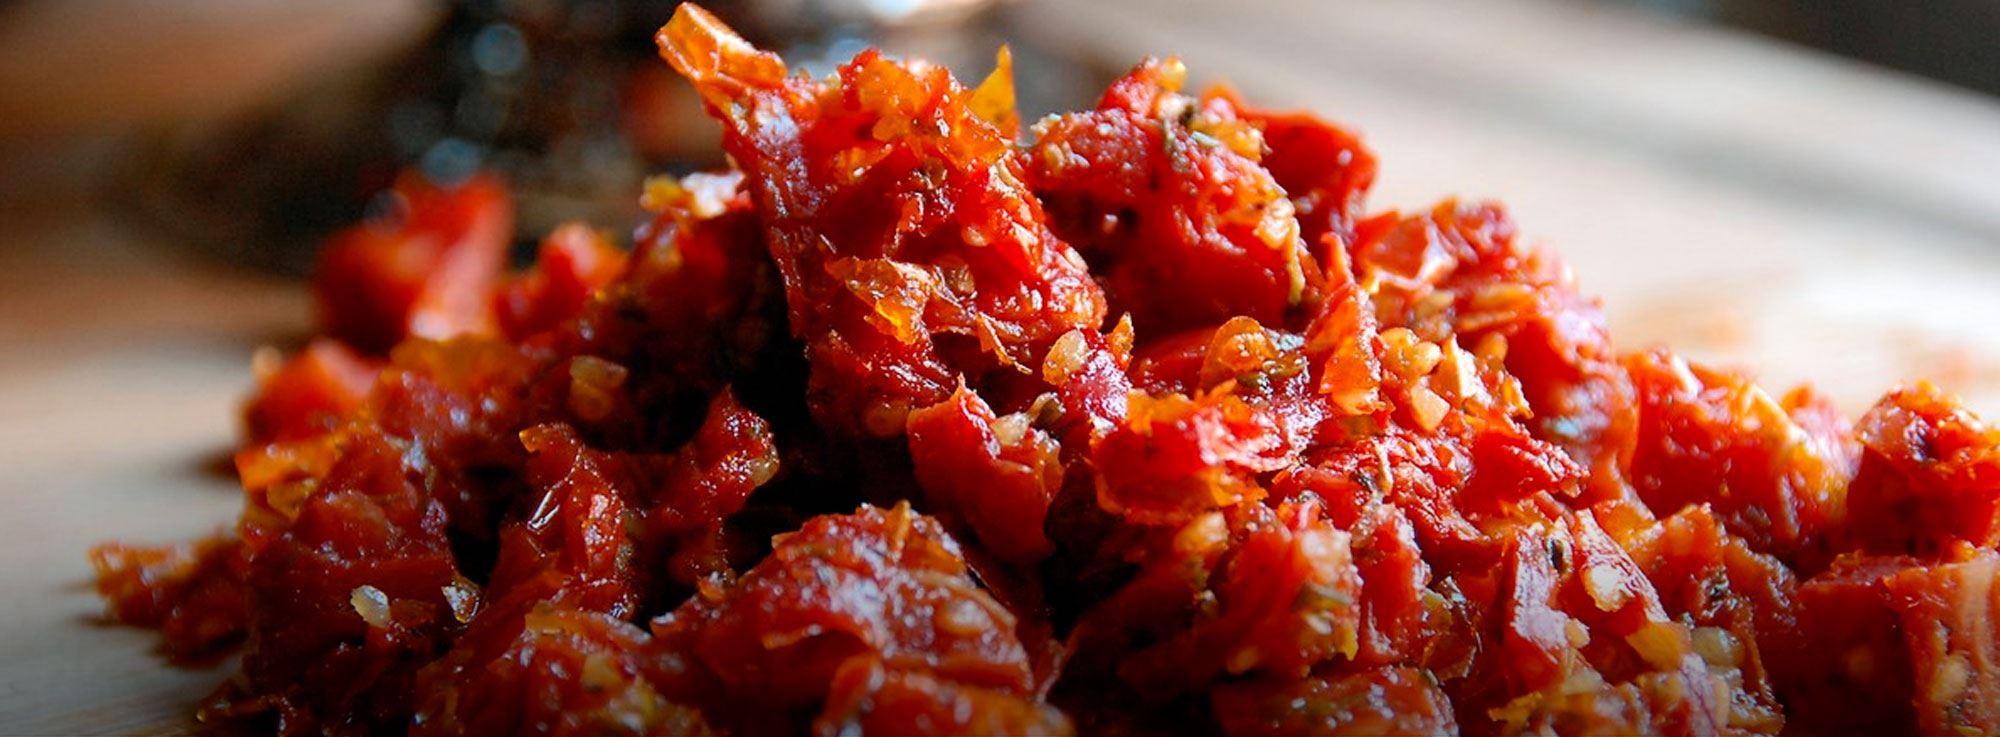 Ricetta: Pesto di pomodori secchi